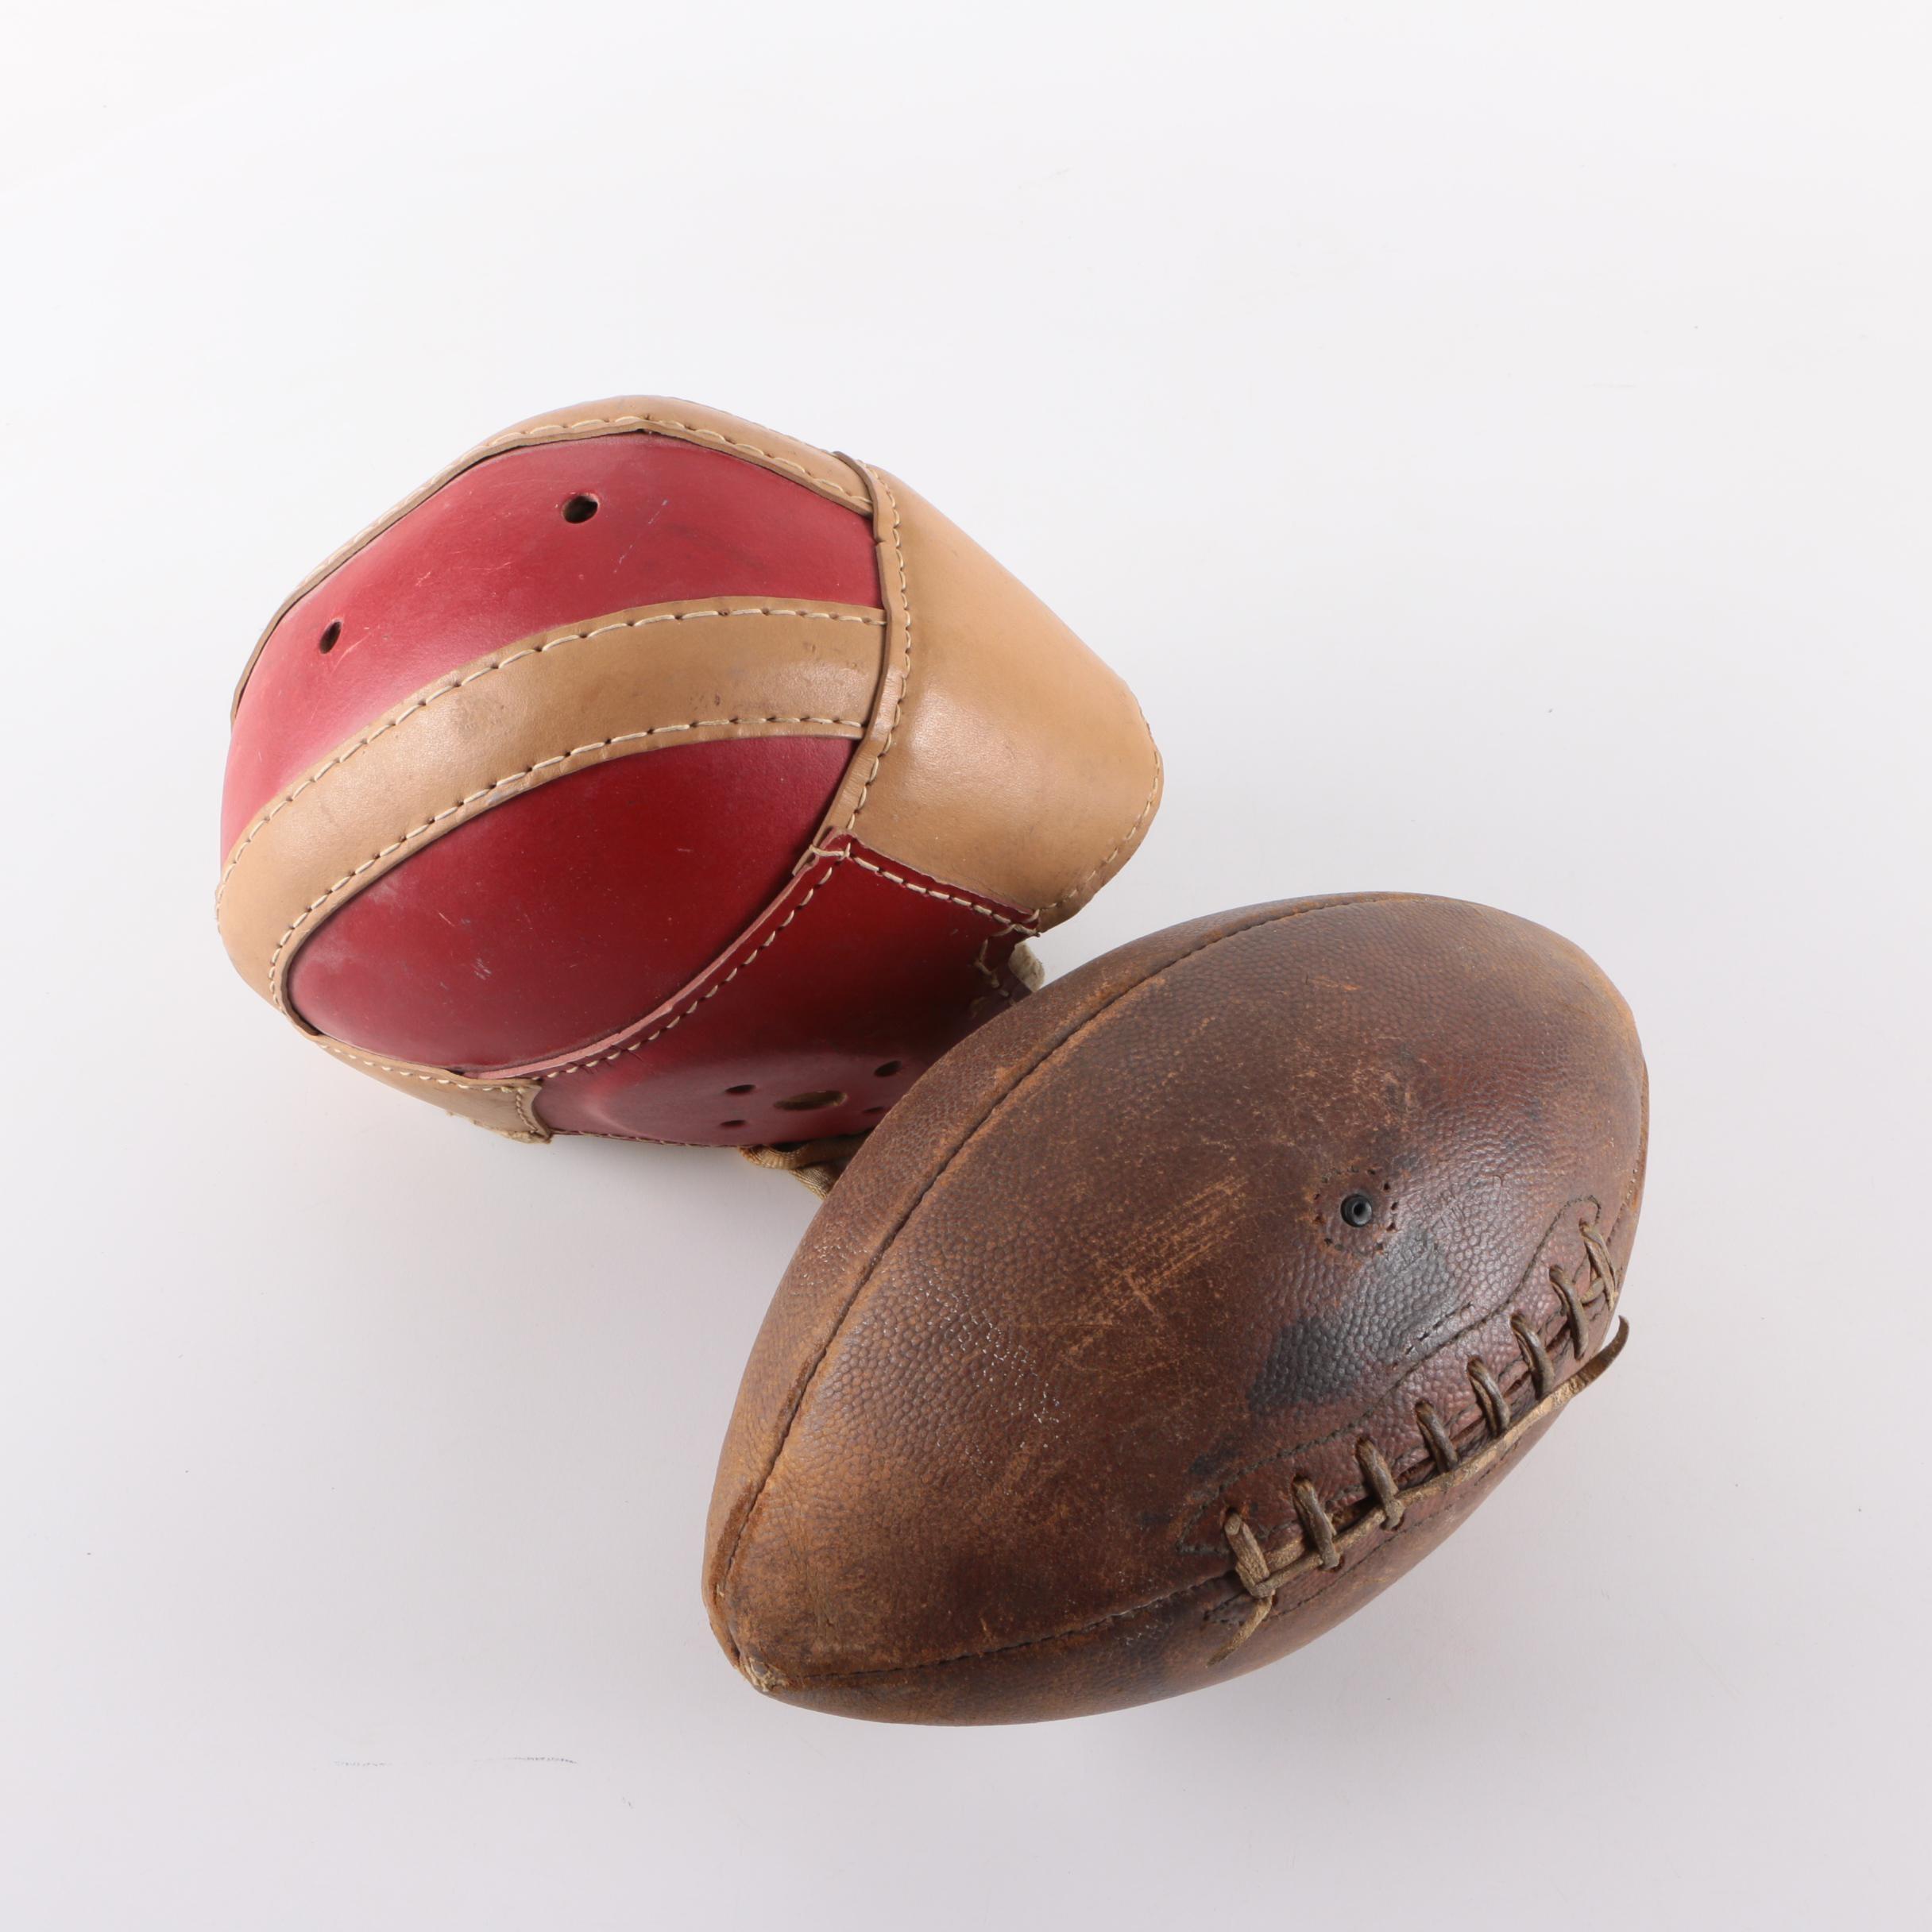 Vintage Football and Helmet